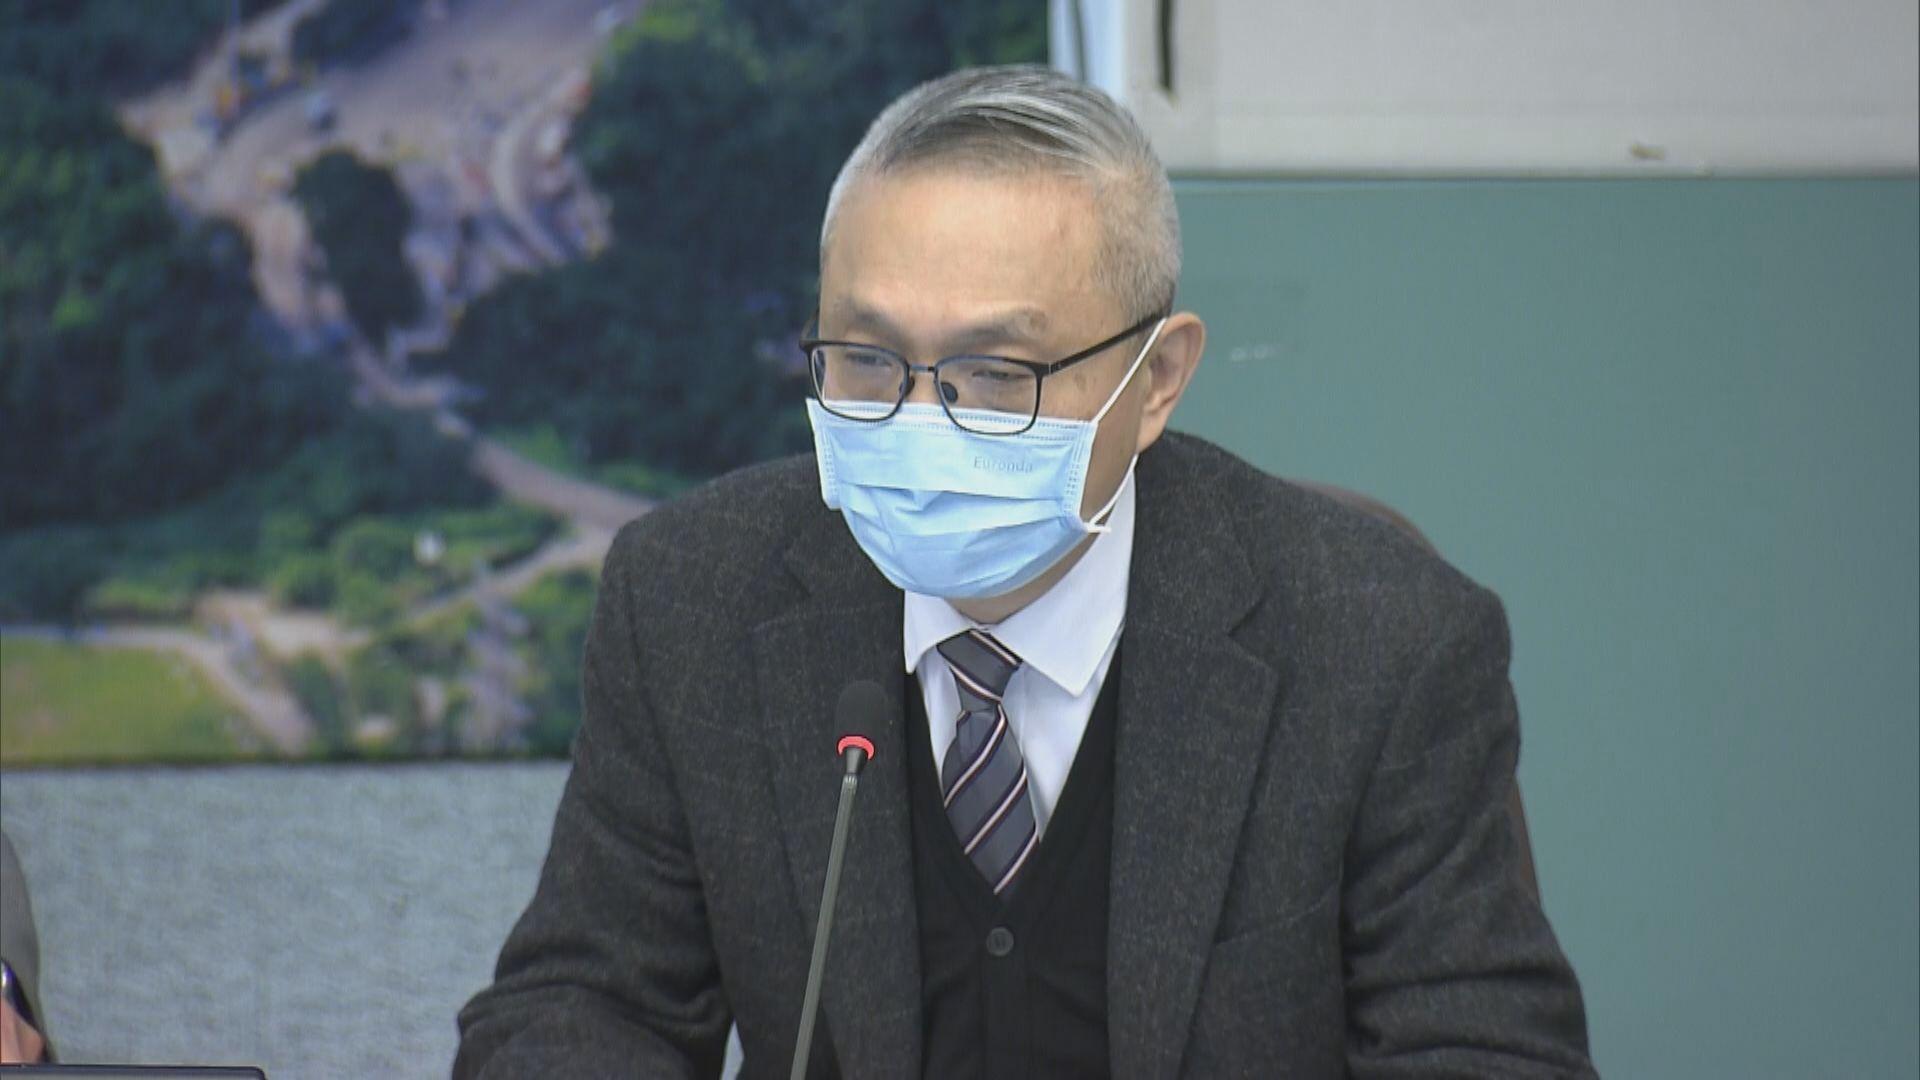 徐德義出席沙田區議會 解駿洋邨作檢疫設施